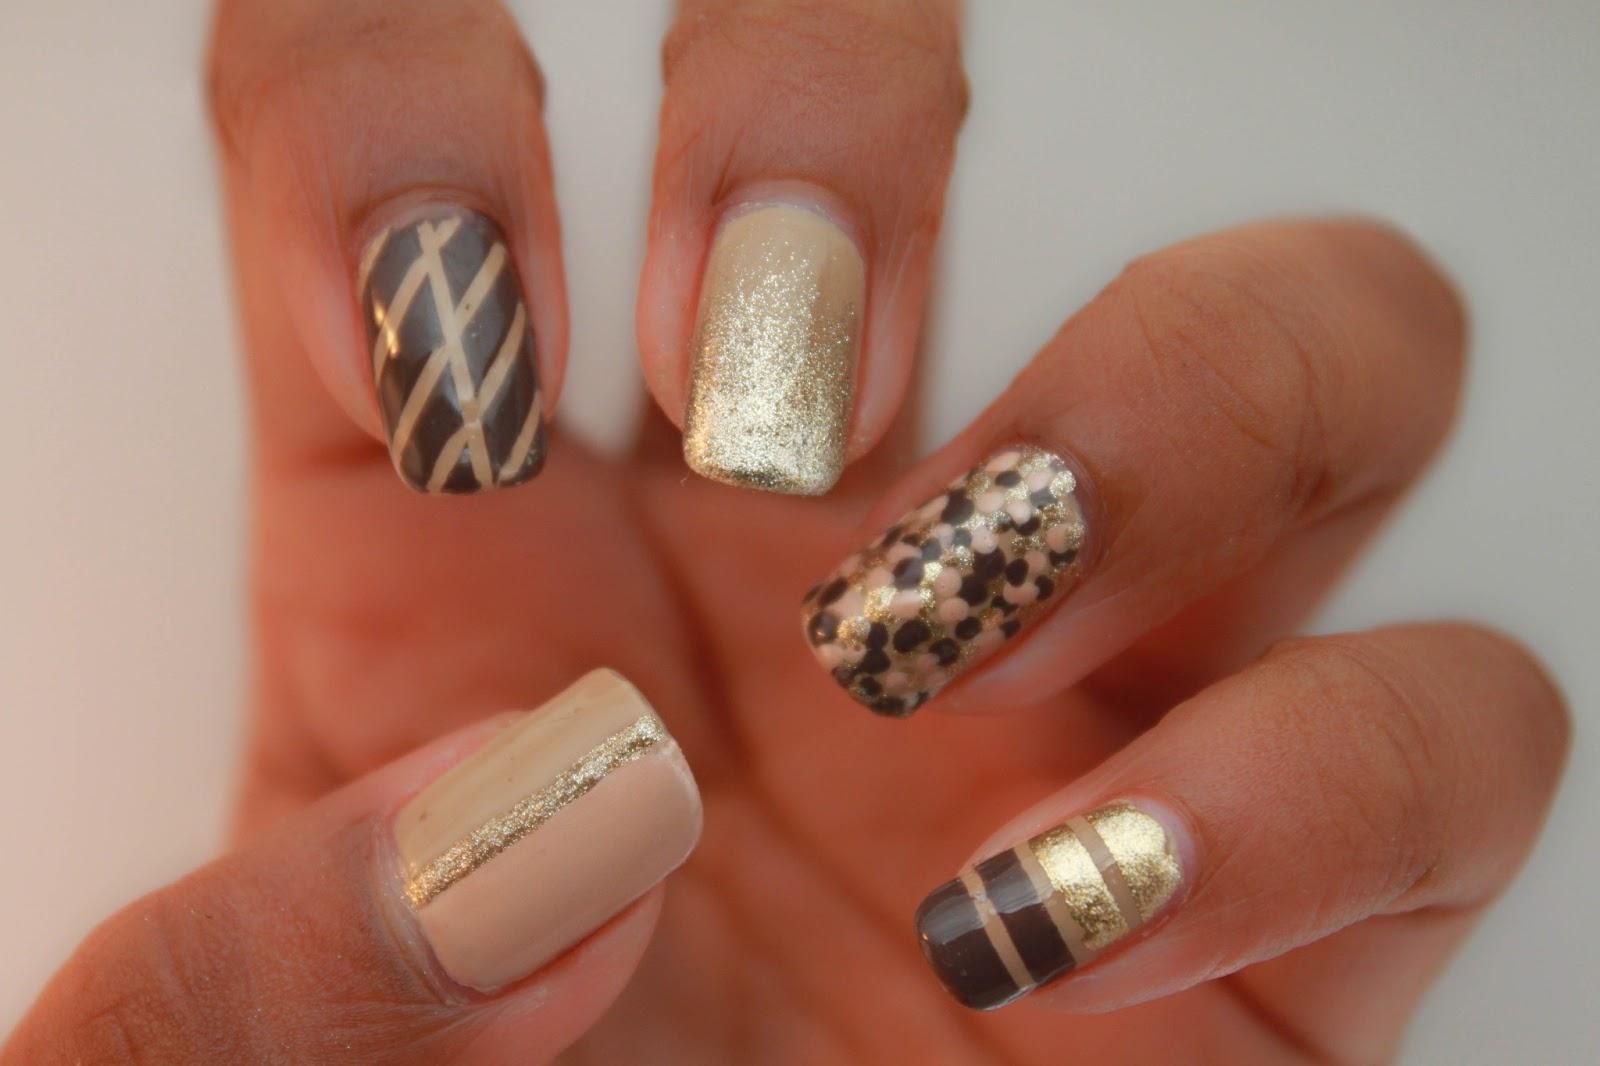 nail art deco cute nails. Black Bedroom Furniture Sets. Home Design Ideas